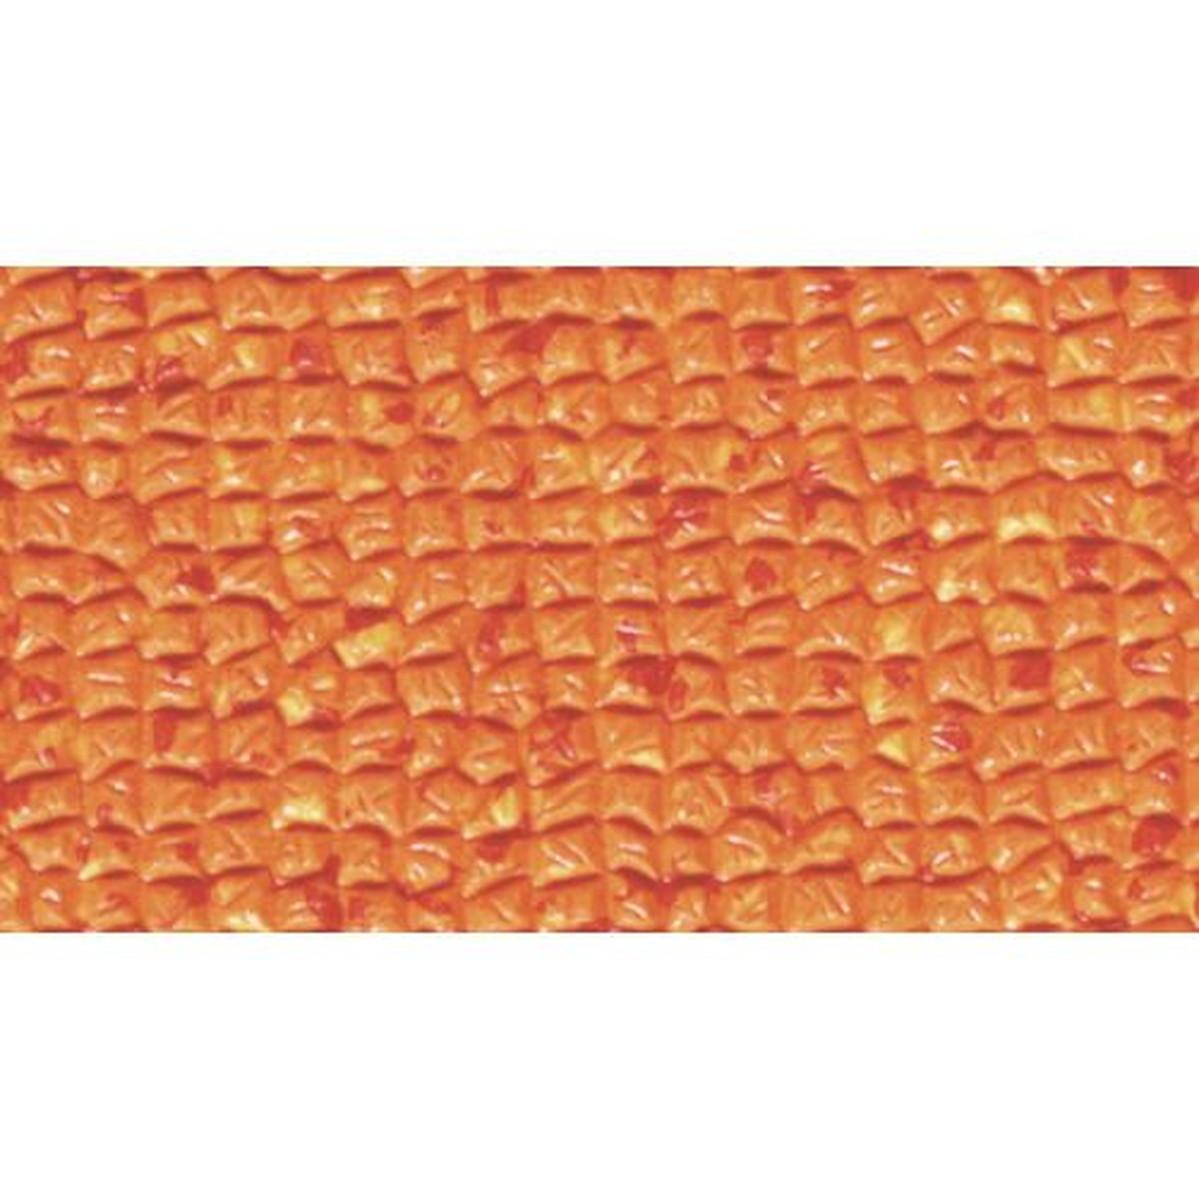 世界の タキロン タキロン タキストロンタフスリップタイプMT201 1.82X10M 1巻 1巻, キレイのすすめ:8c0bc3f1 --- promilahcn.com